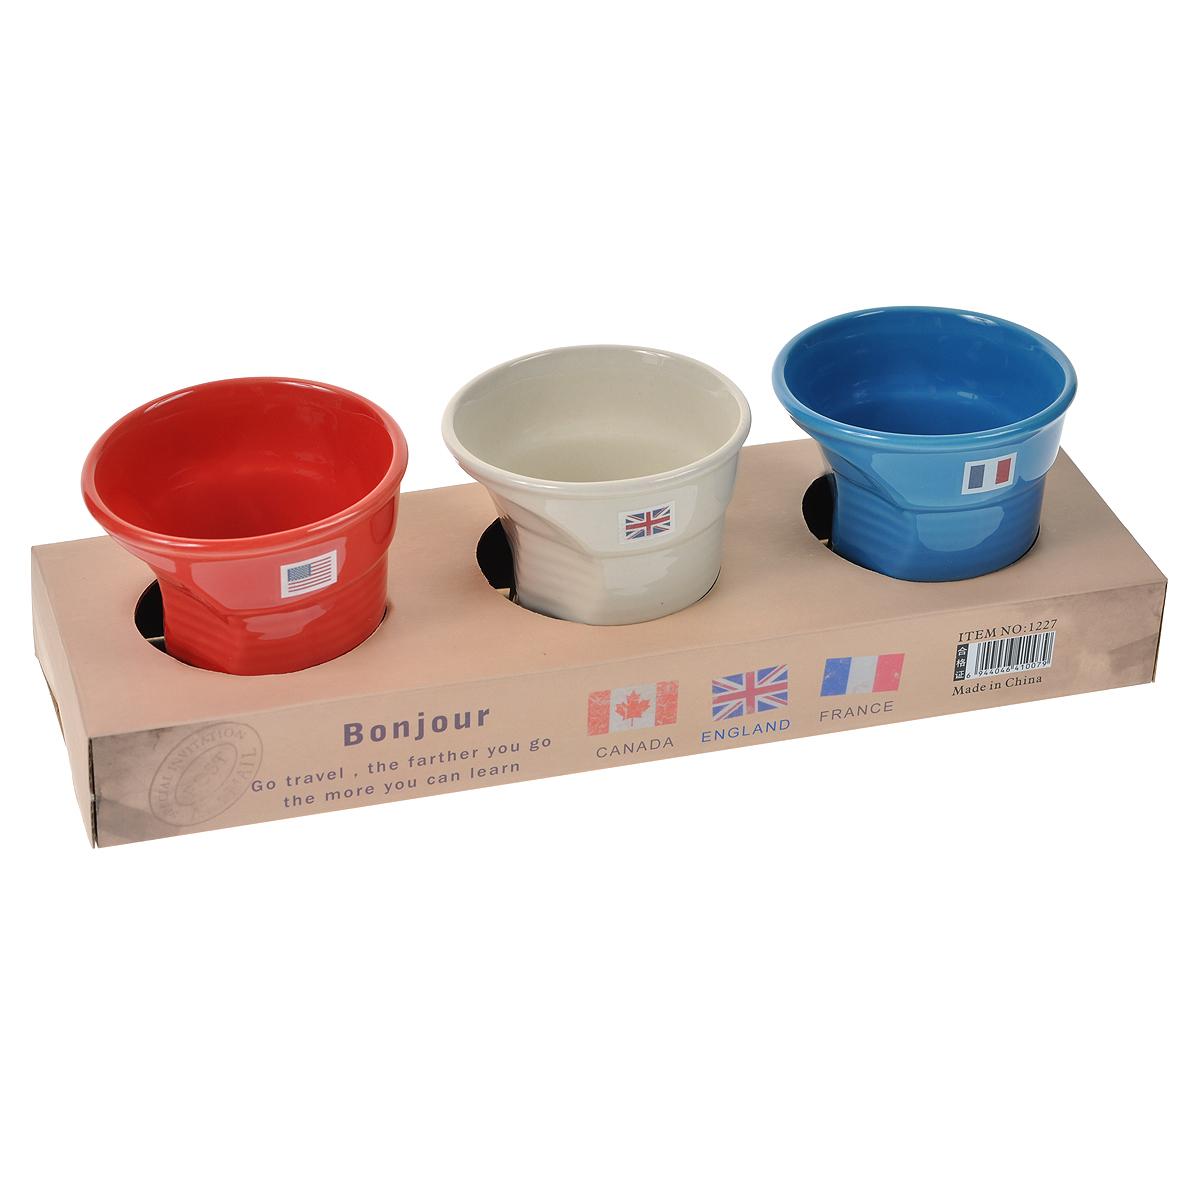 Набор из 3 мятых стаканов Карамба, цвет: белый, красный, синий. 003403003403Оригинальный набор из 3 гнутых стаканов белого, красного и синего цветов выполнена из керамики. Такая кружка станет не только приятным, но и практичным сувениром. Характеристики: Материал:керамика. Комплектация: 3 шт. Высота кружки:7,5 см. Диаметр по верхнему краю: 7 см. Размер упаковки:26,5 см х 9 см х 7,5 см. Артикул: 003403.